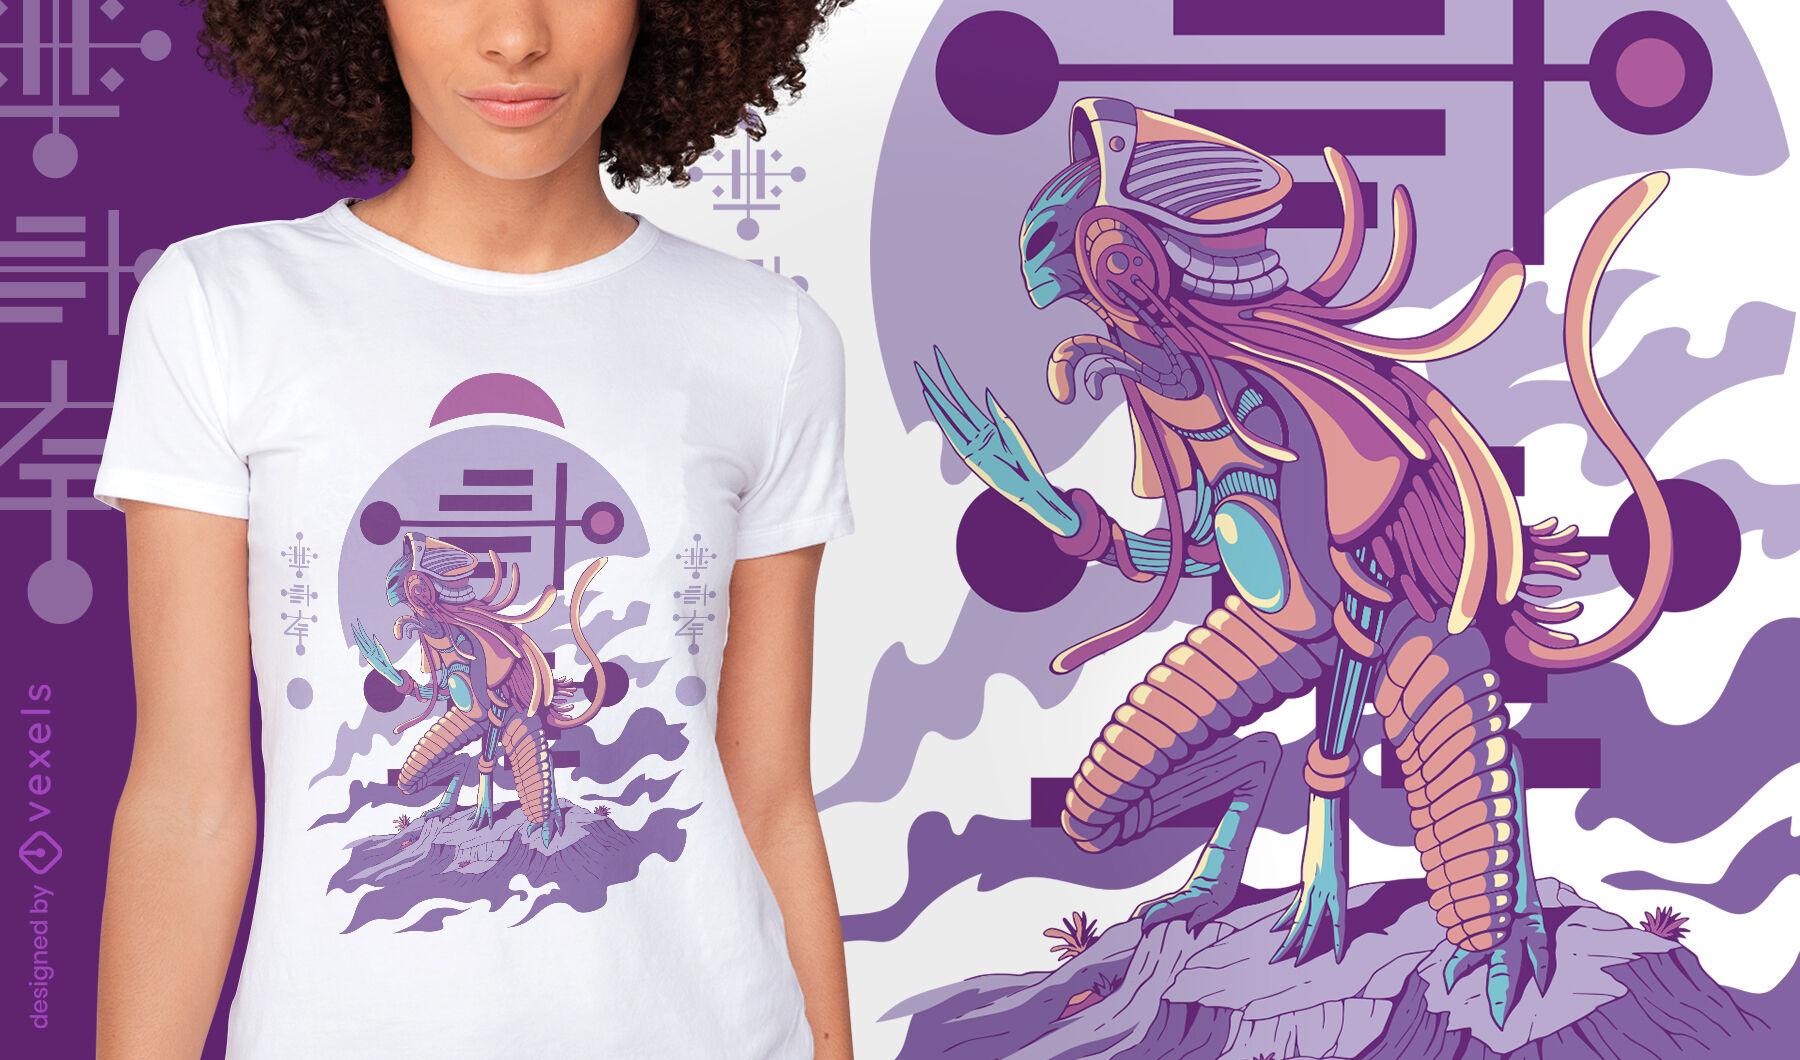 Alien creature kneeling t-shirt design